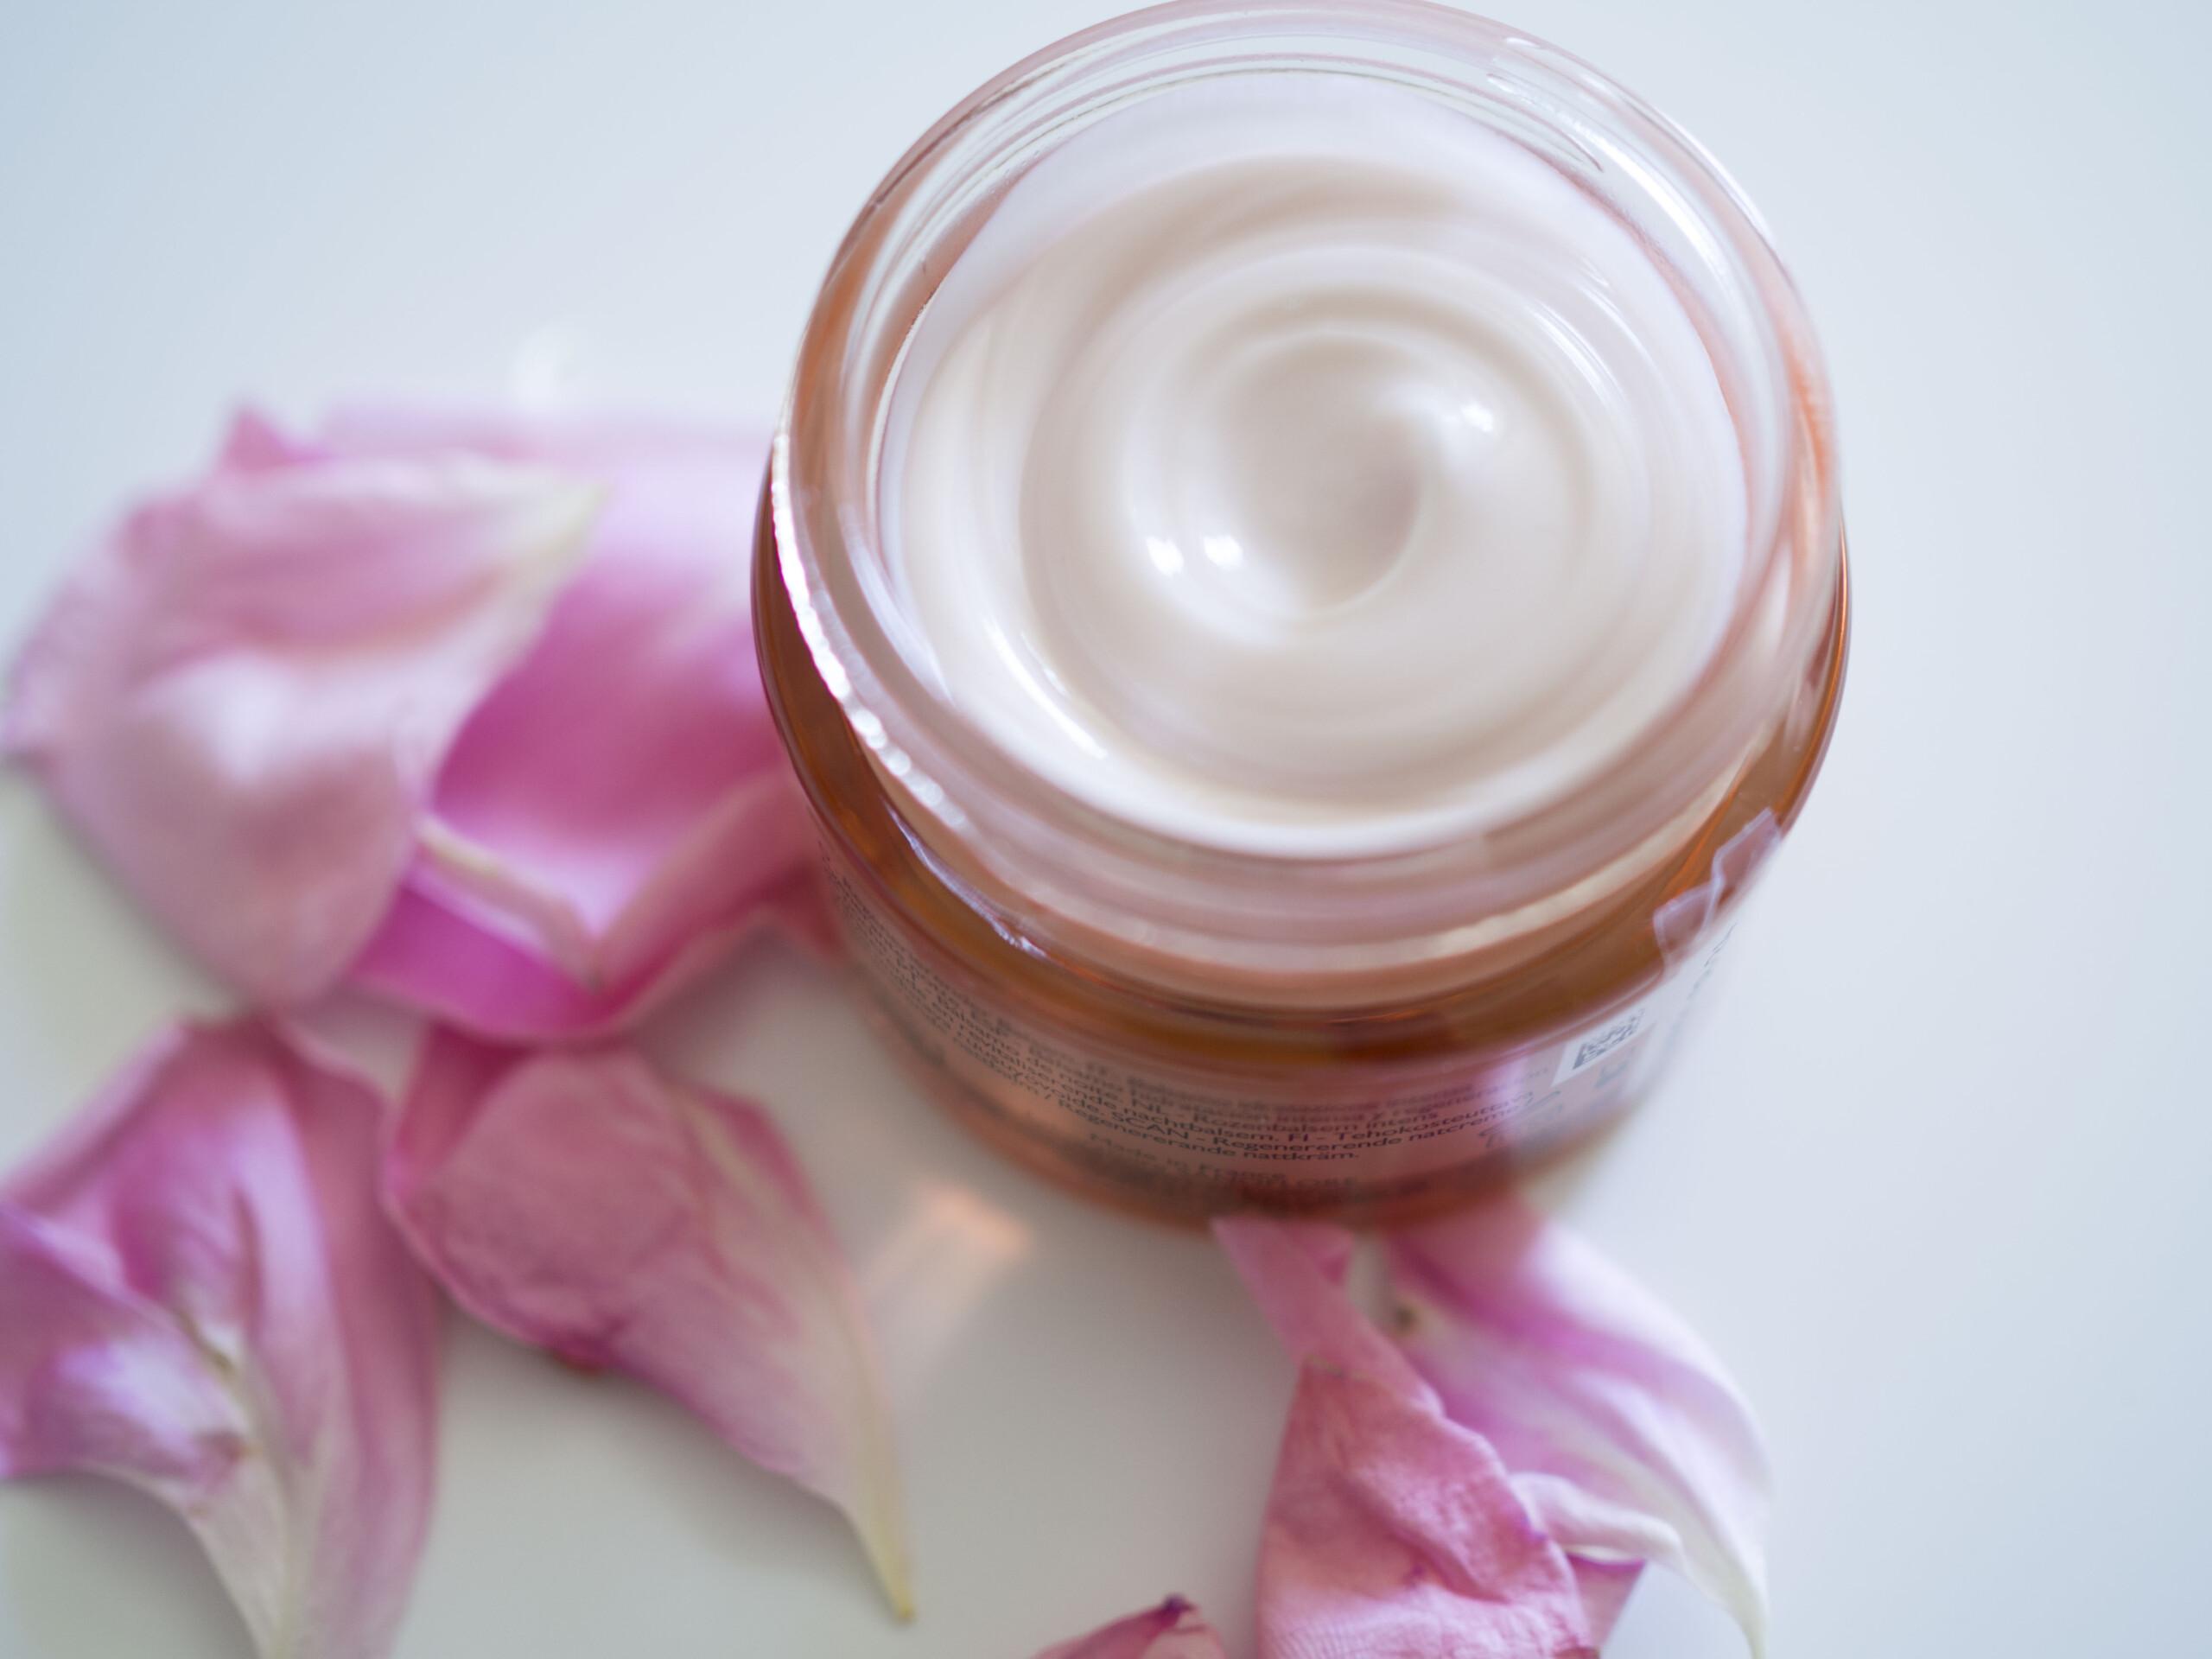 La lotion hydratante aqua Rosa et le baume Rosa fresca de Sanoflore